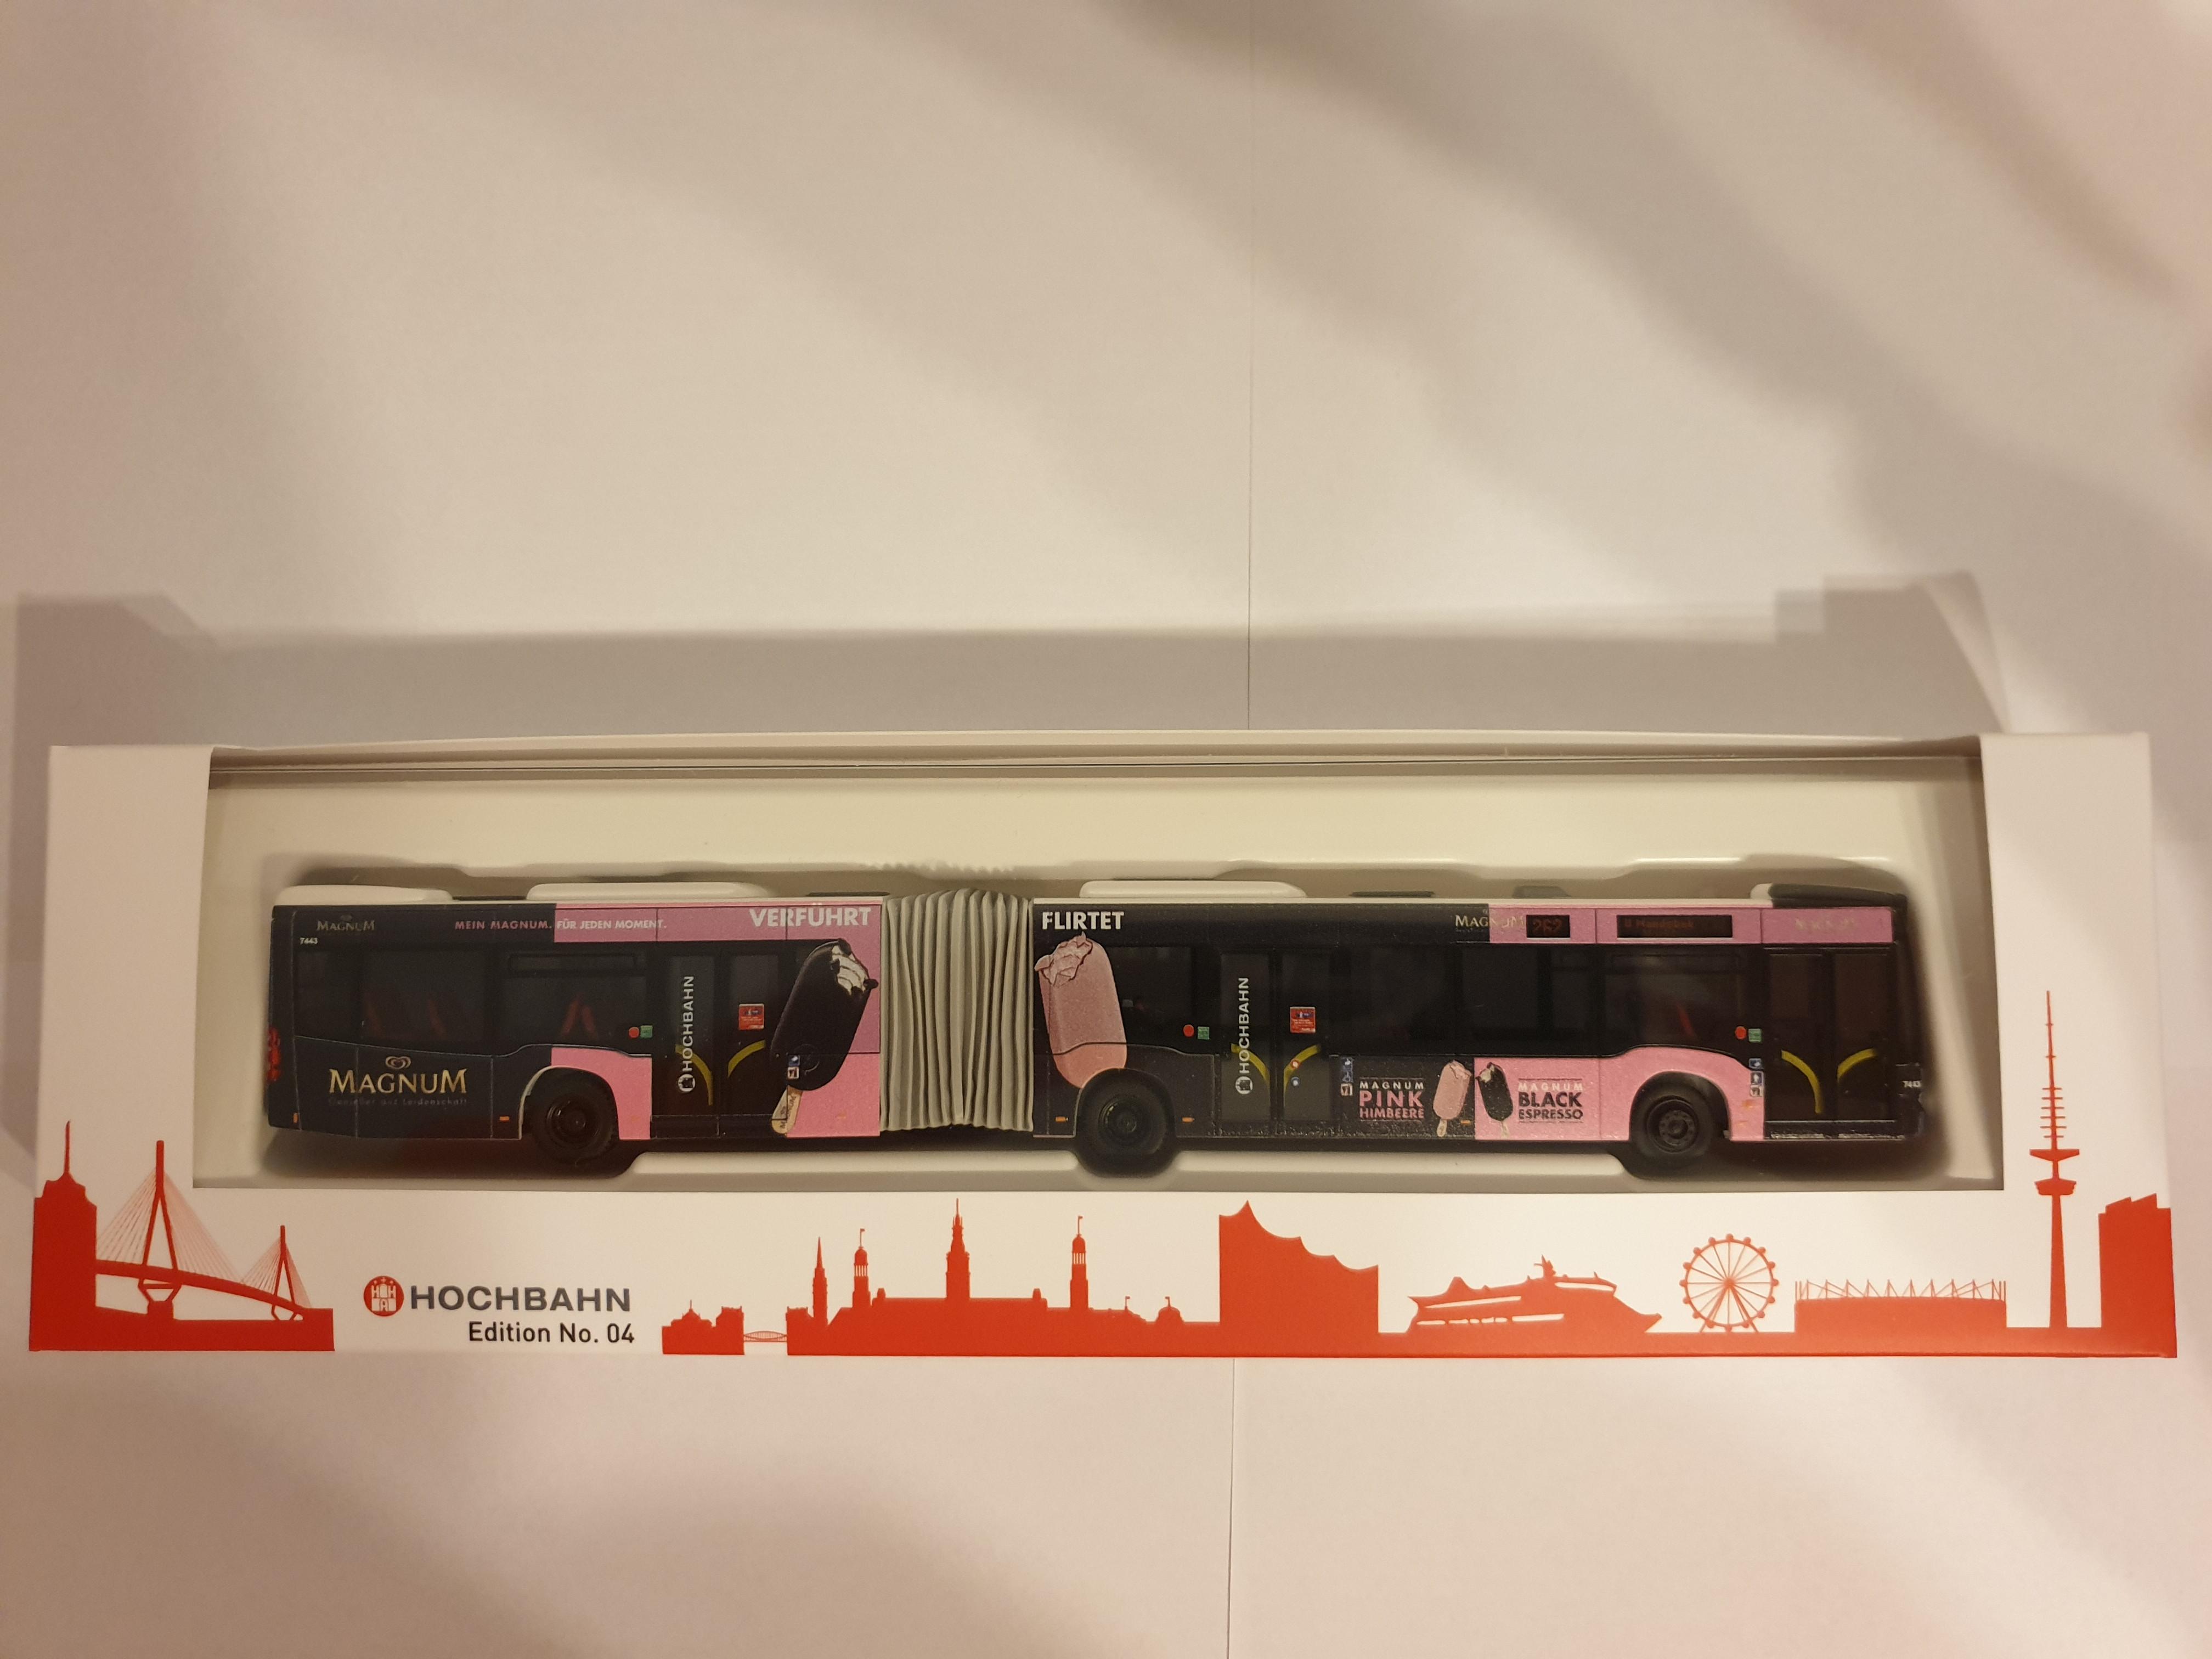 Rietze MB Citaro G12 Hamburger Hochbahn Edition 04 mit MAGNUM Eis Werbung - Wagennummer 7443- Zielanzeige Linie 262